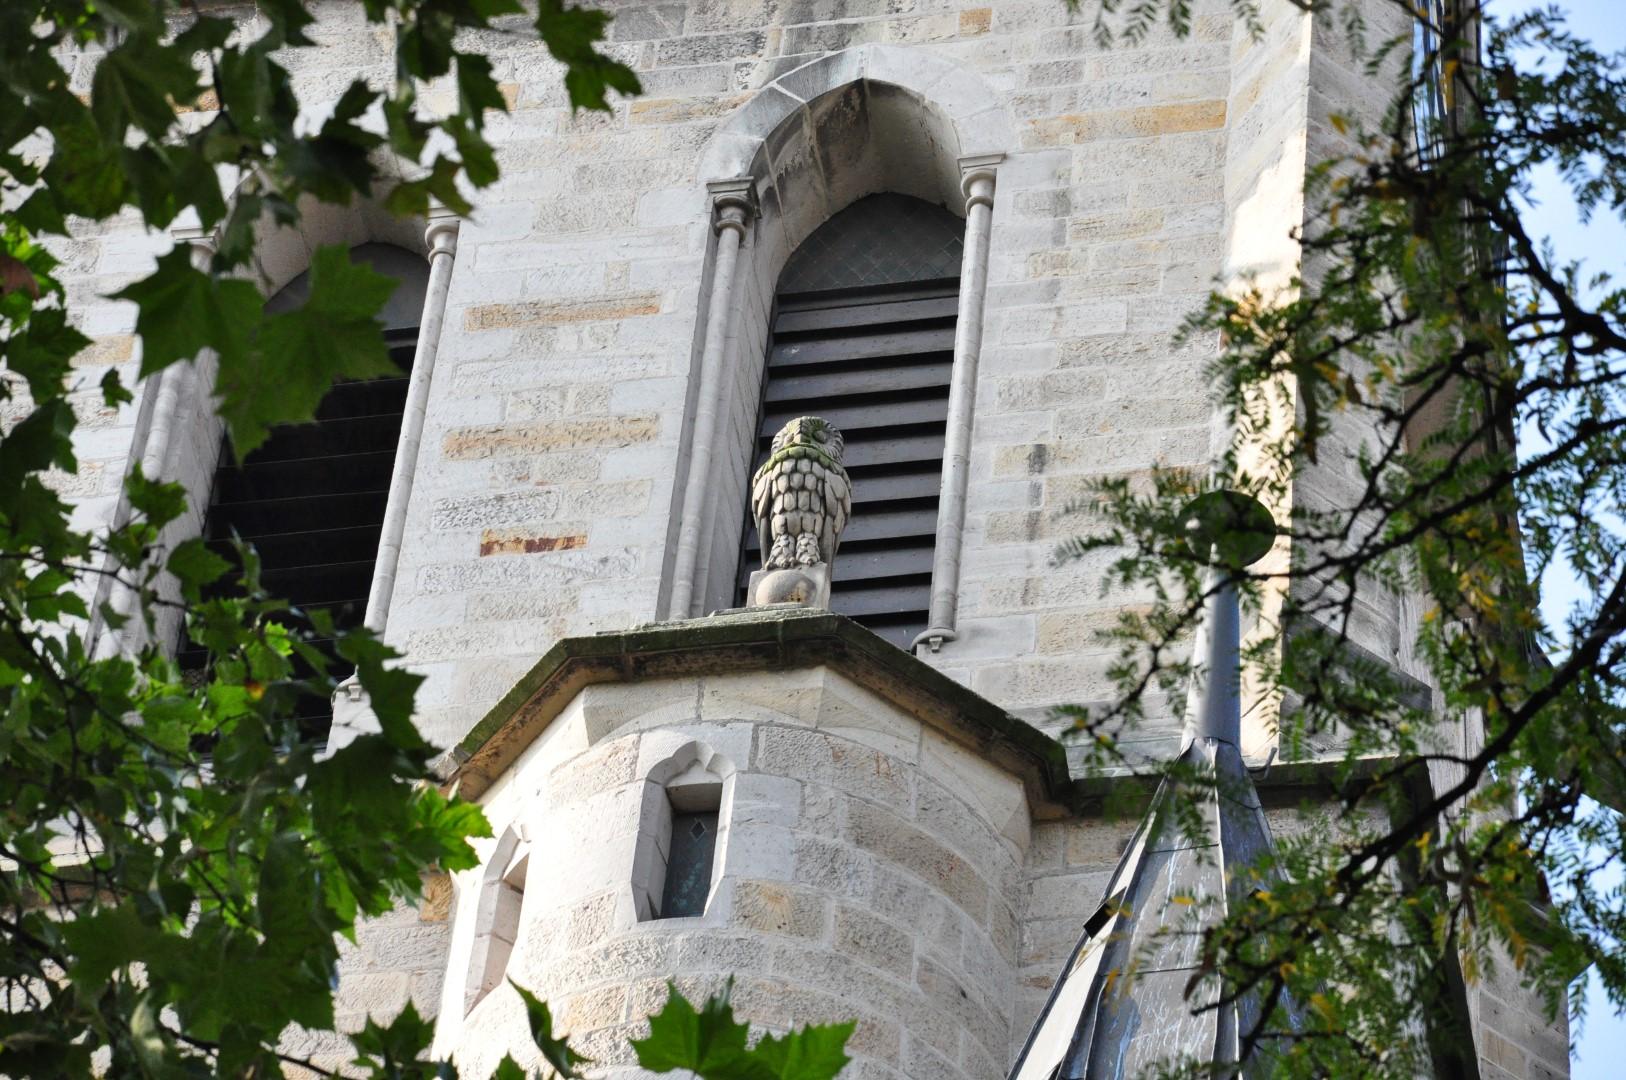 Bild 15: Kirche St. Jakobi